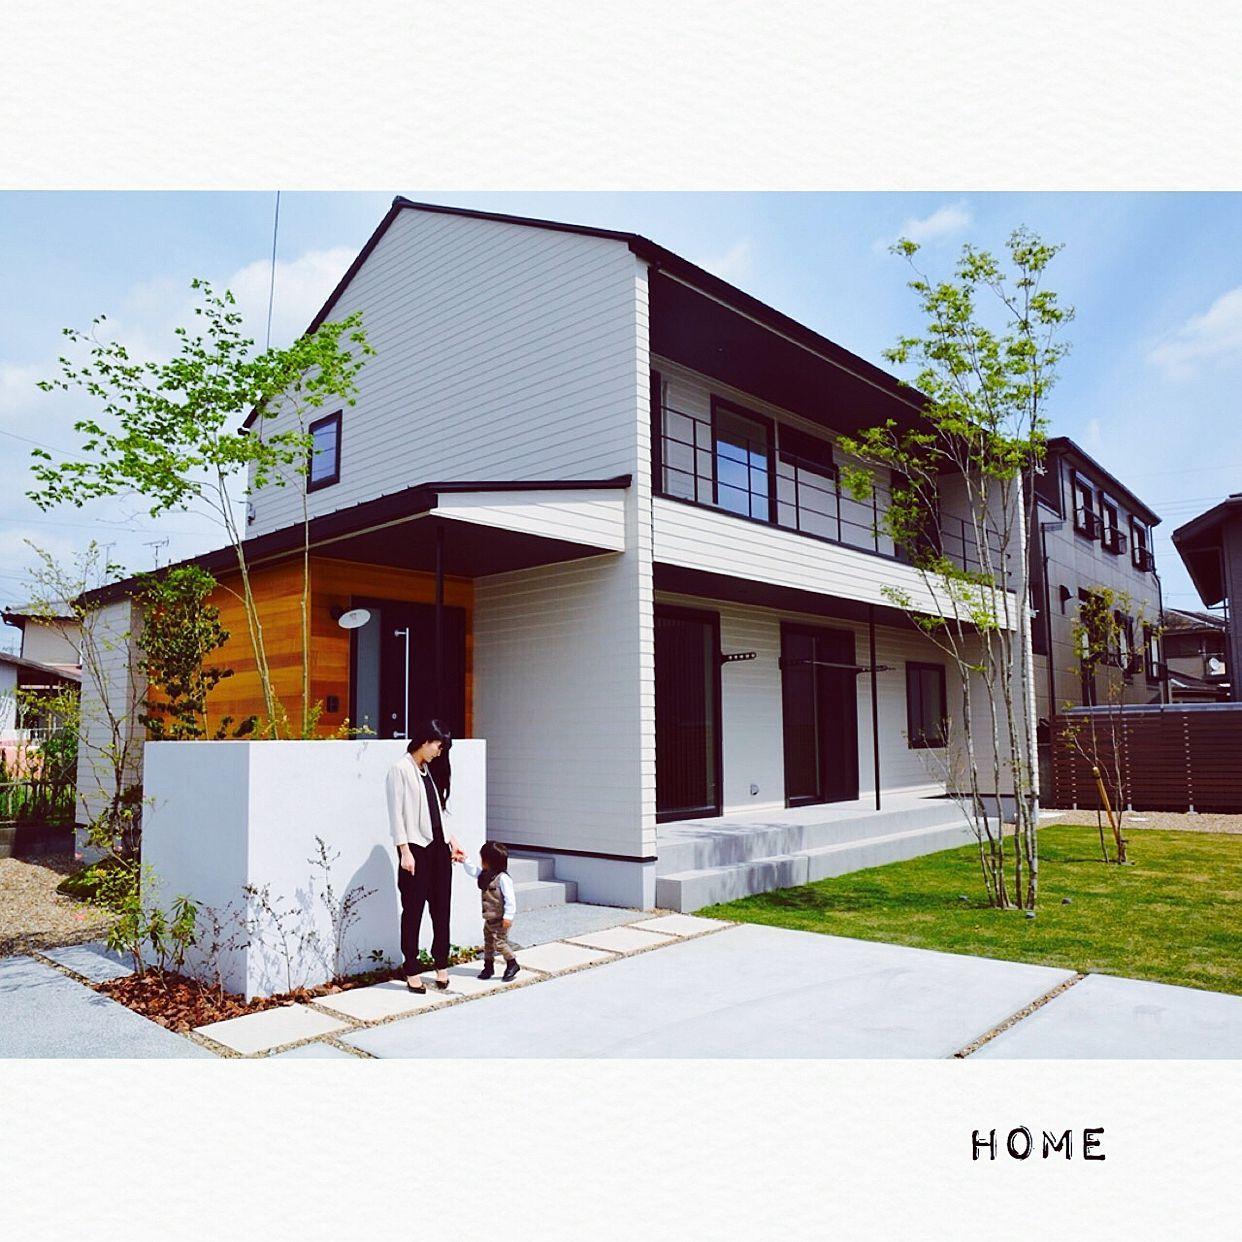 テラス ハウス Ondesign テラス ハウス 建築モデル 住宅建築デザイン